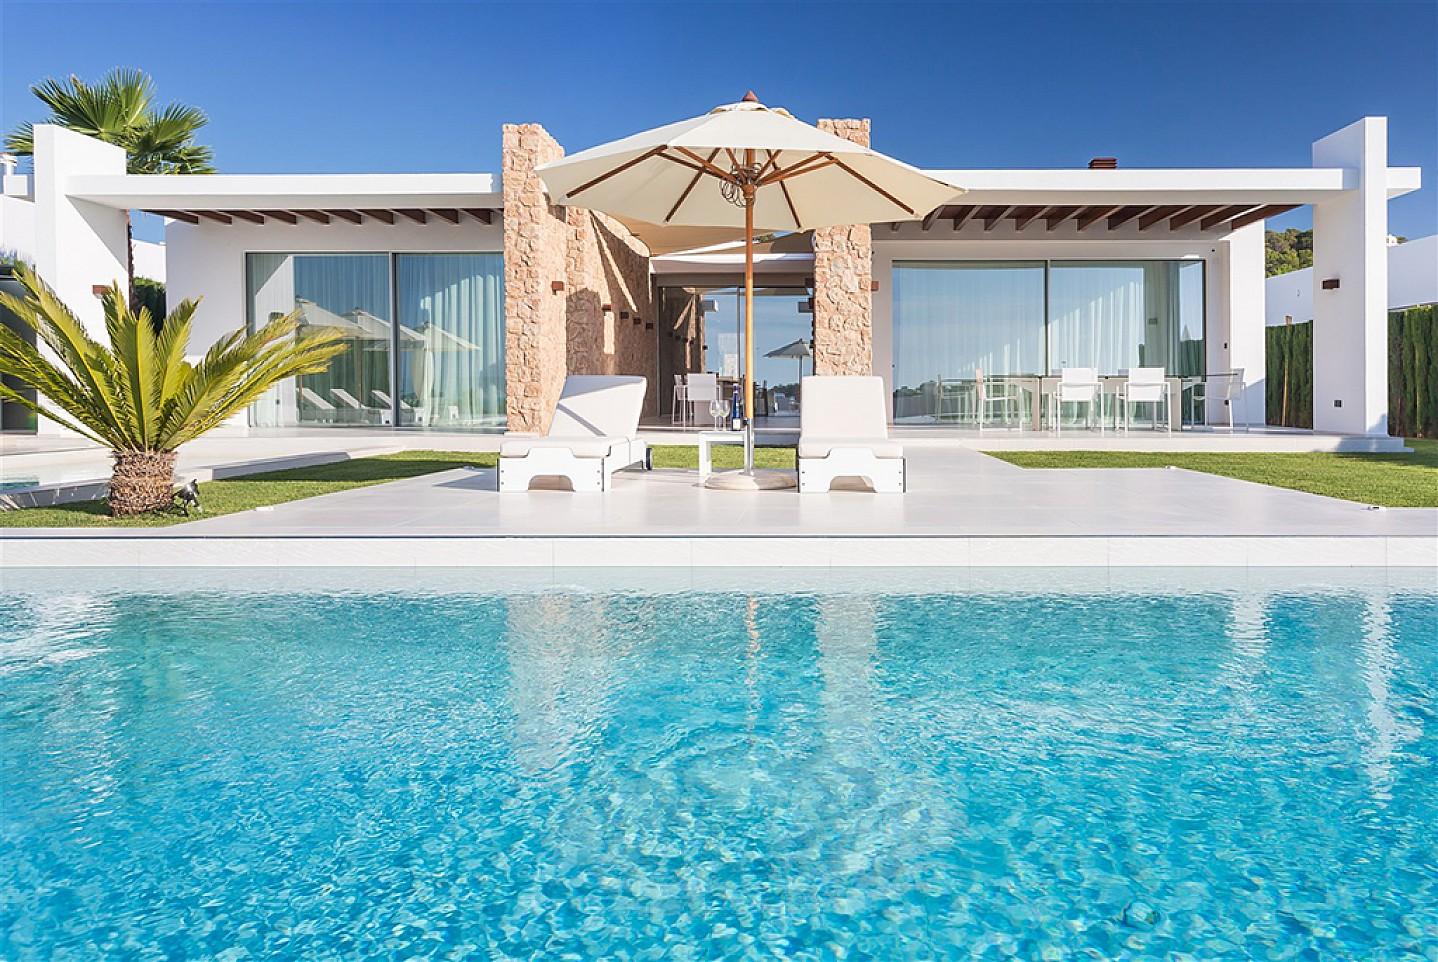 Bones vistes exteriors de la casa amb la piscina